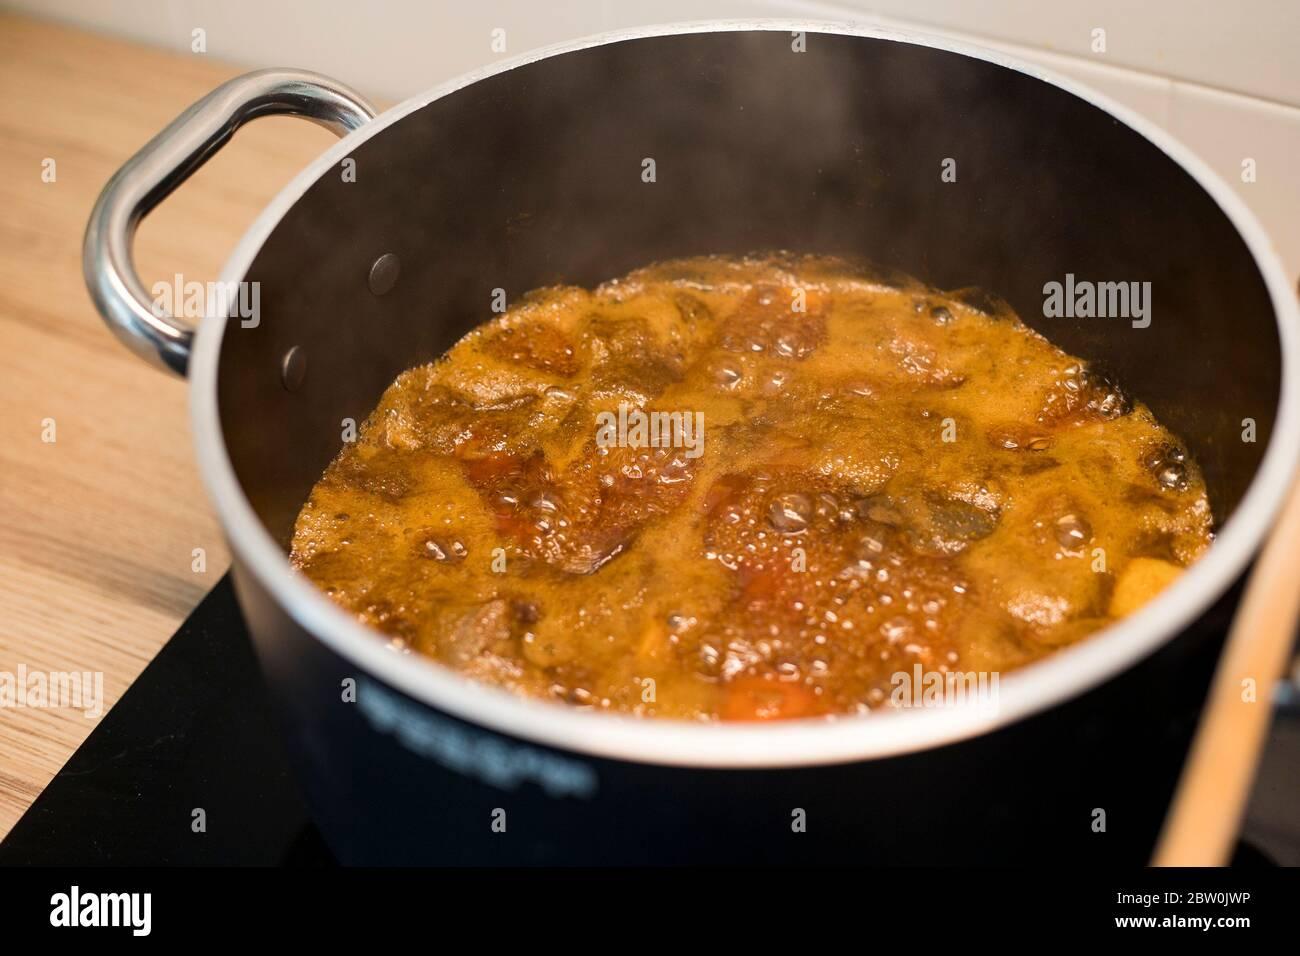 Préparation de la confiture d'abricot dans une casserole noire. Conserver les fruits bouillant dans une grande casserole avec une cuillère en bois. Vue latérale. Banque D'Images